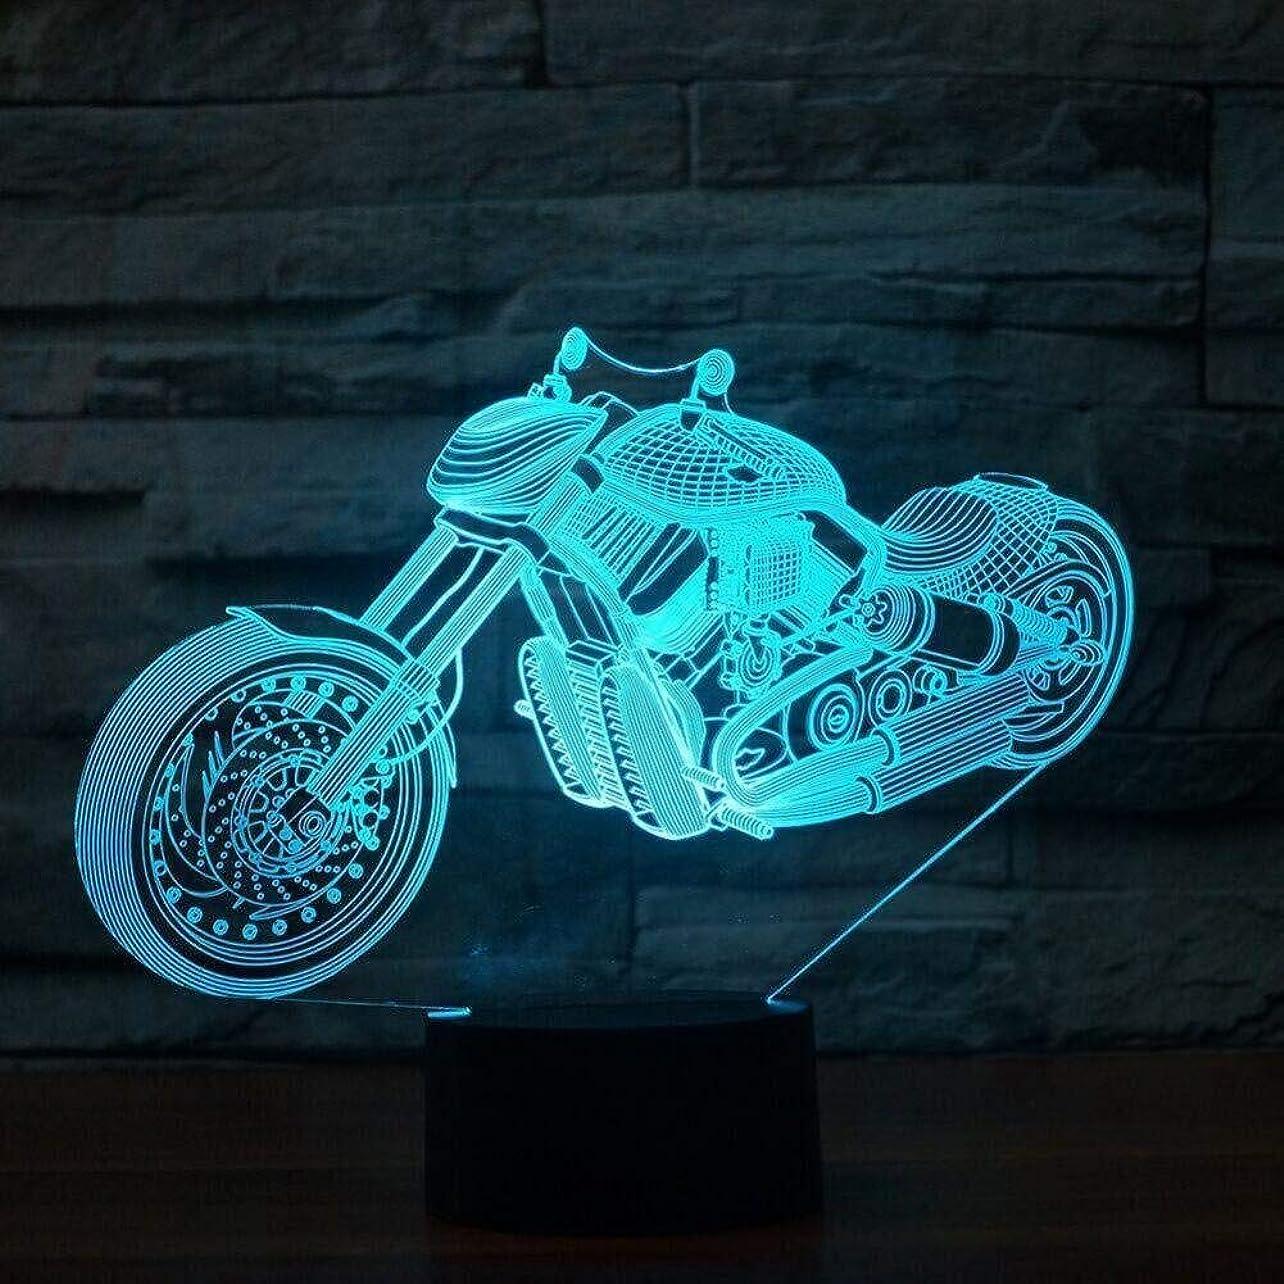 発掘する交じる処分した3DイリュージョンクロスカントリーのオートバイLEDランプタッチセンサーマルチカラーRGBベッドルームベッドサイドアクリル装飾的なデスクランプキッズフェスティバル誕生日プレゼントのUSB充電